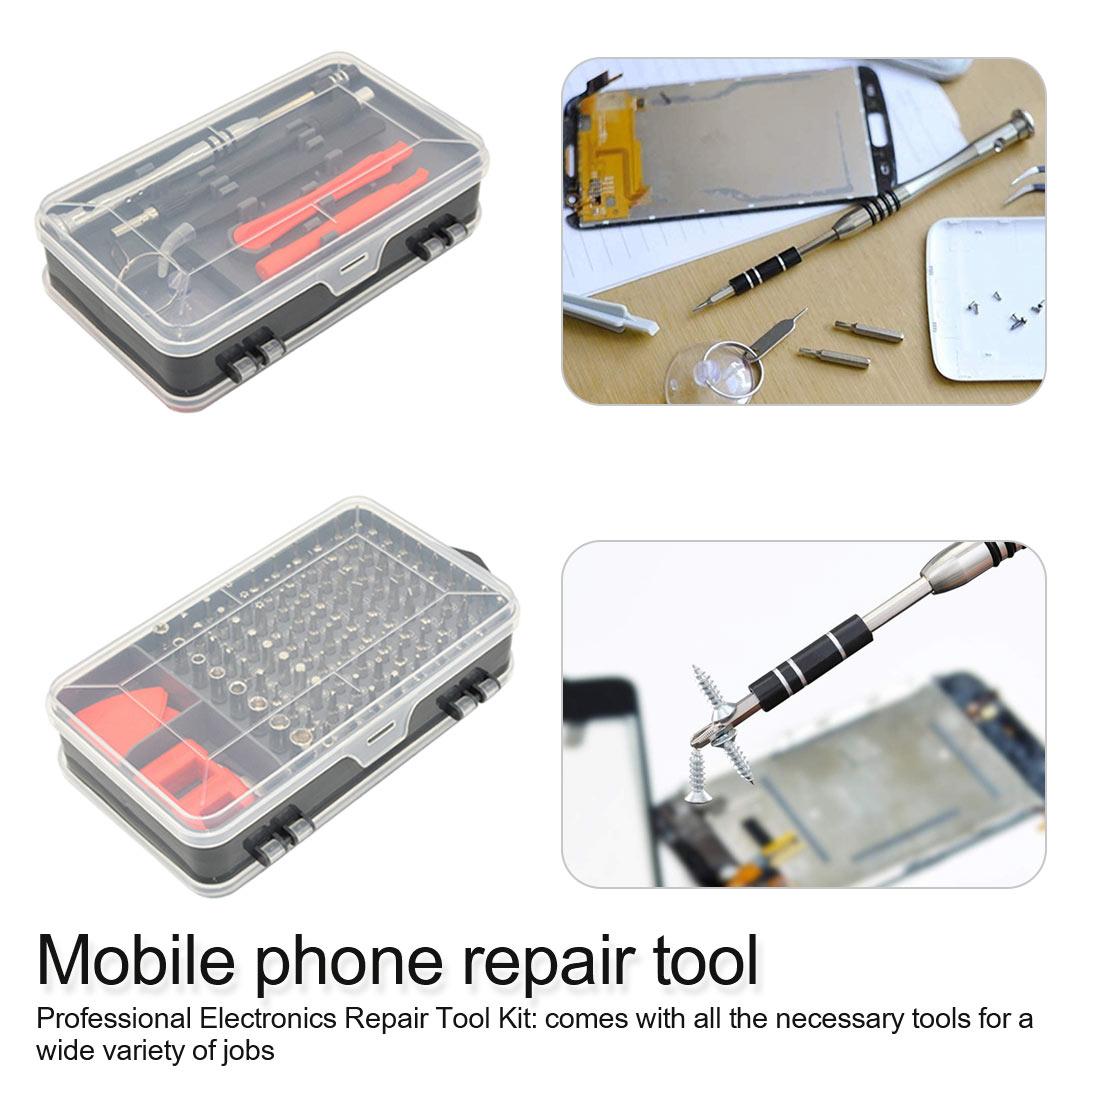 112 In 1 Precision Screwdriver bit Set Multi Mobile Phone Repair Tools Kit Professional Repair watch repair kit|Repair Tools & Kits| |  - title=